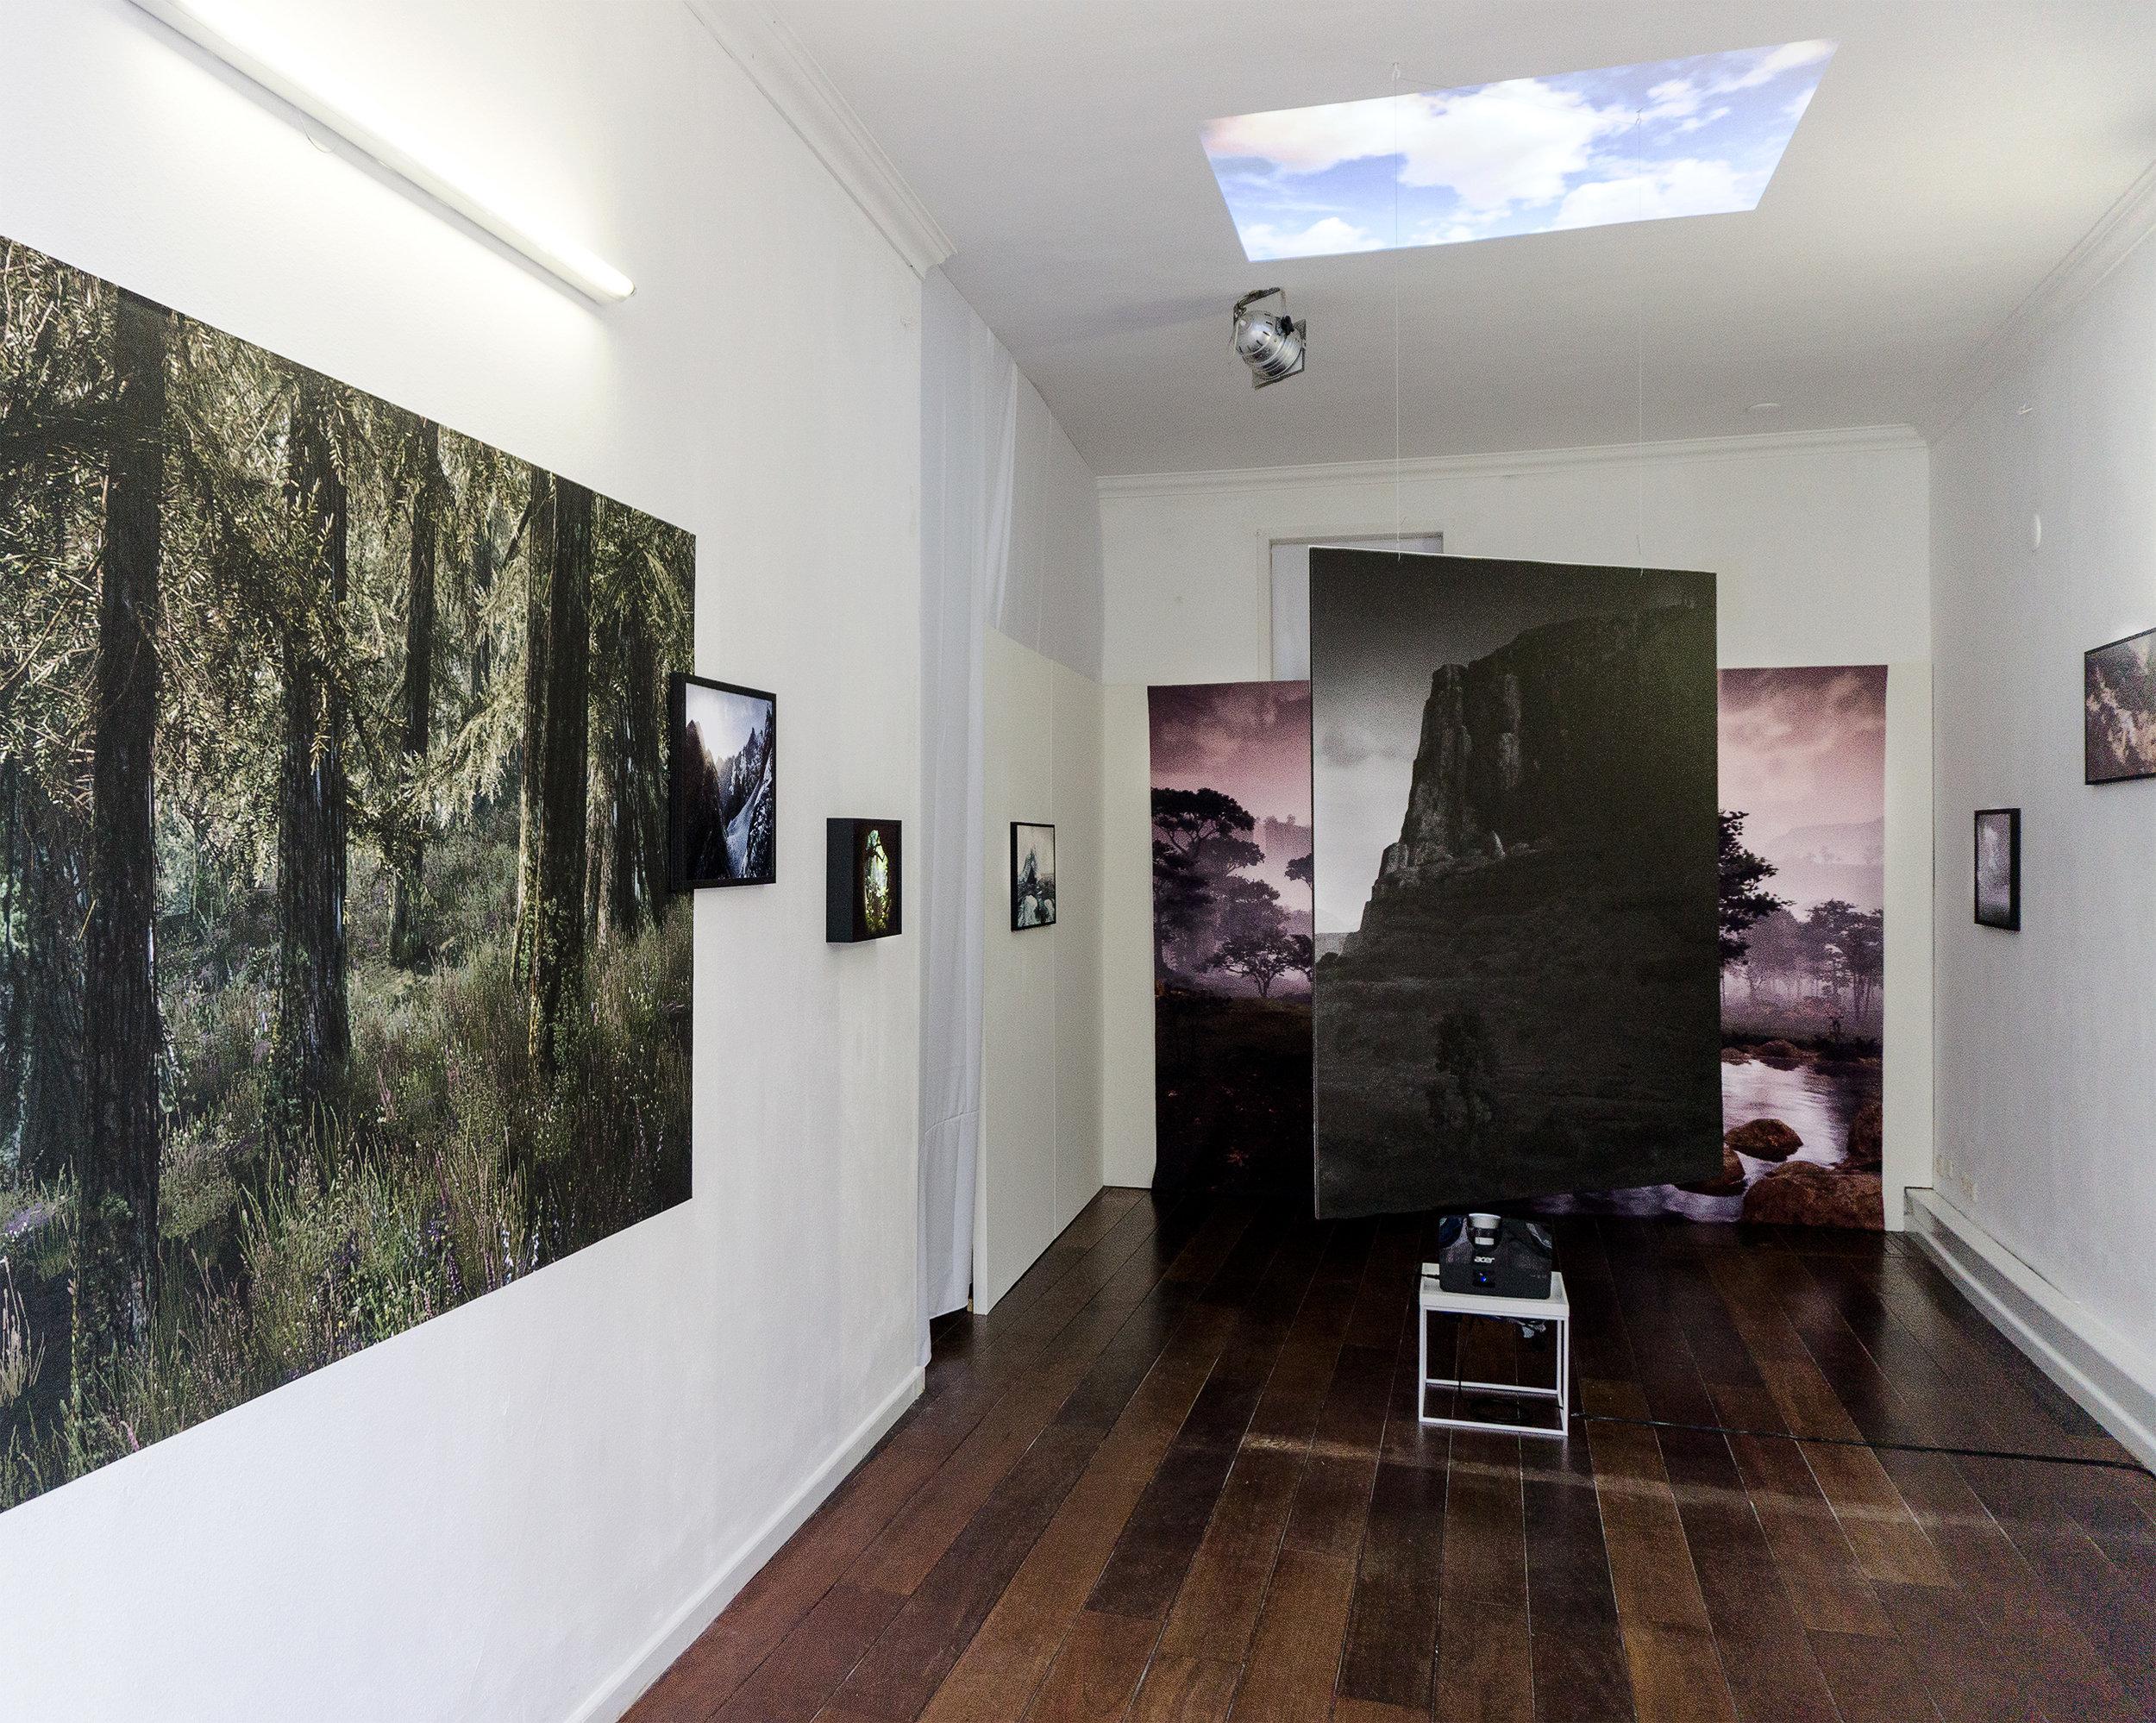 Installation view of Lost Worlds @ FFS Gallery. Foto Festival Schiedam, 2017